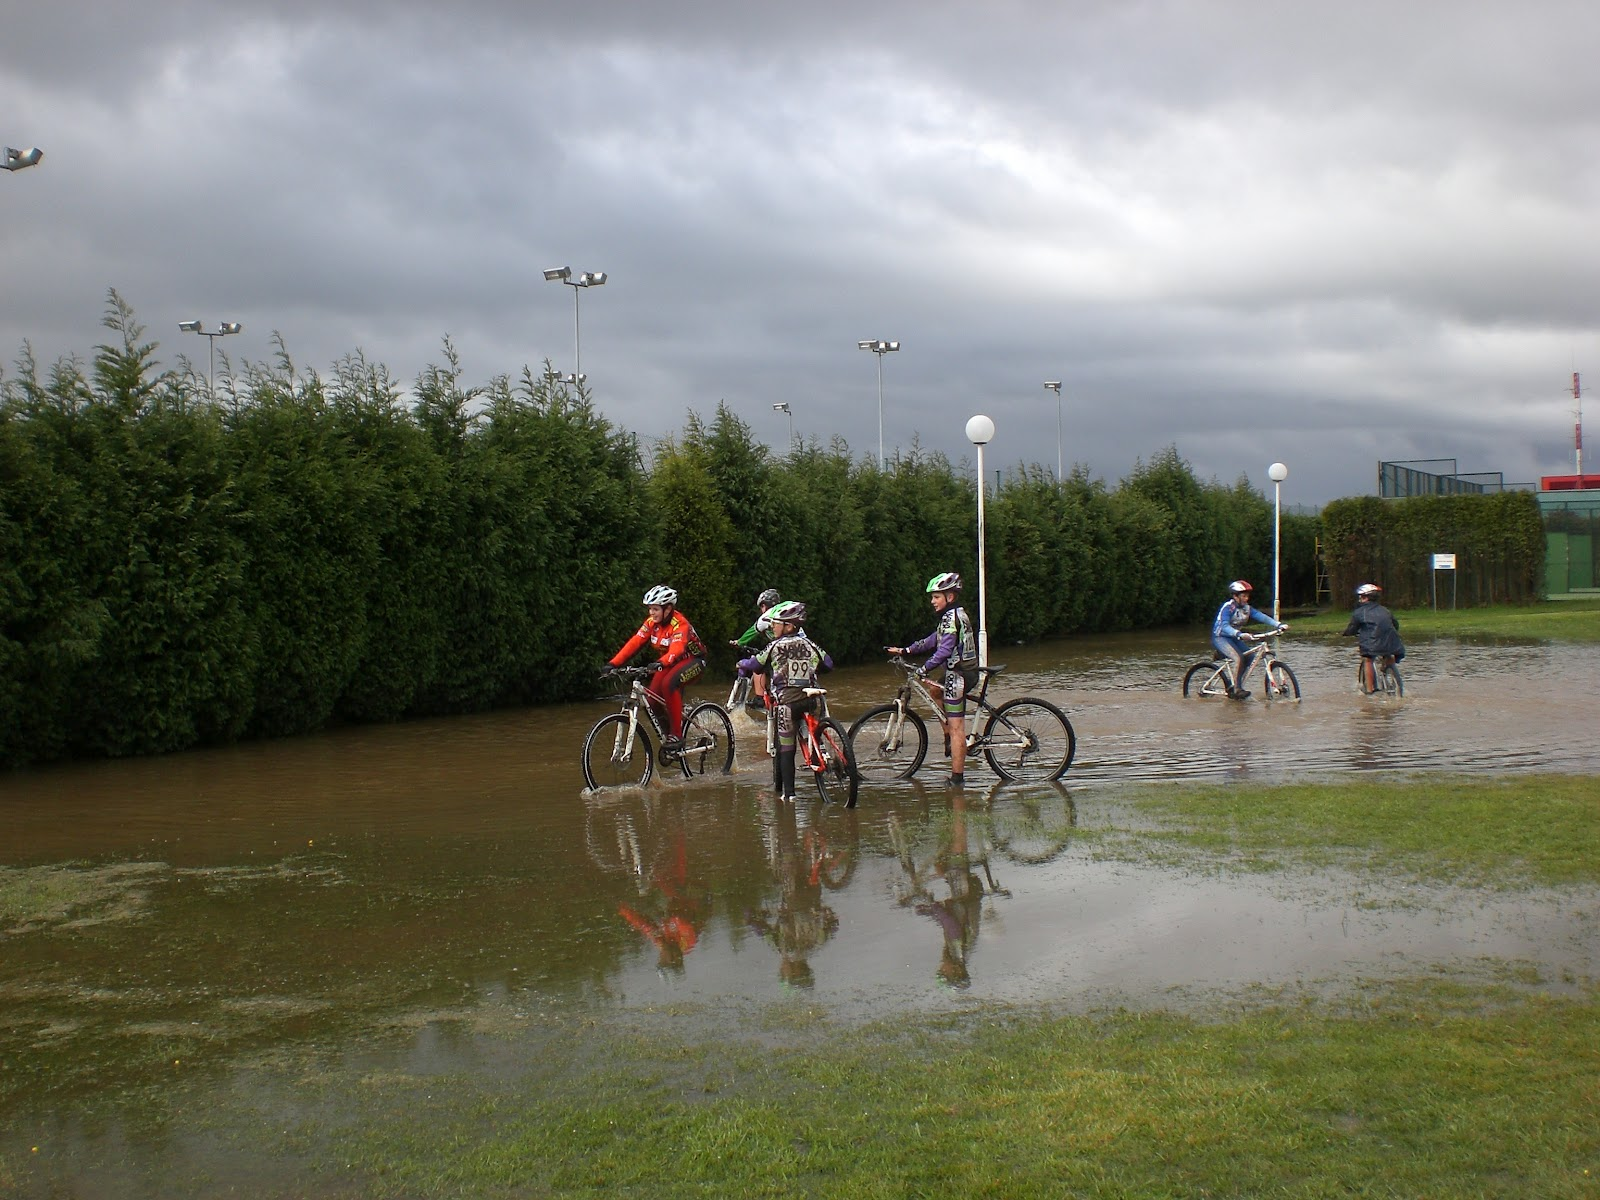 Escuela de ciclismo coque ur a agua agua y m s agua en for Piscinas la morgal